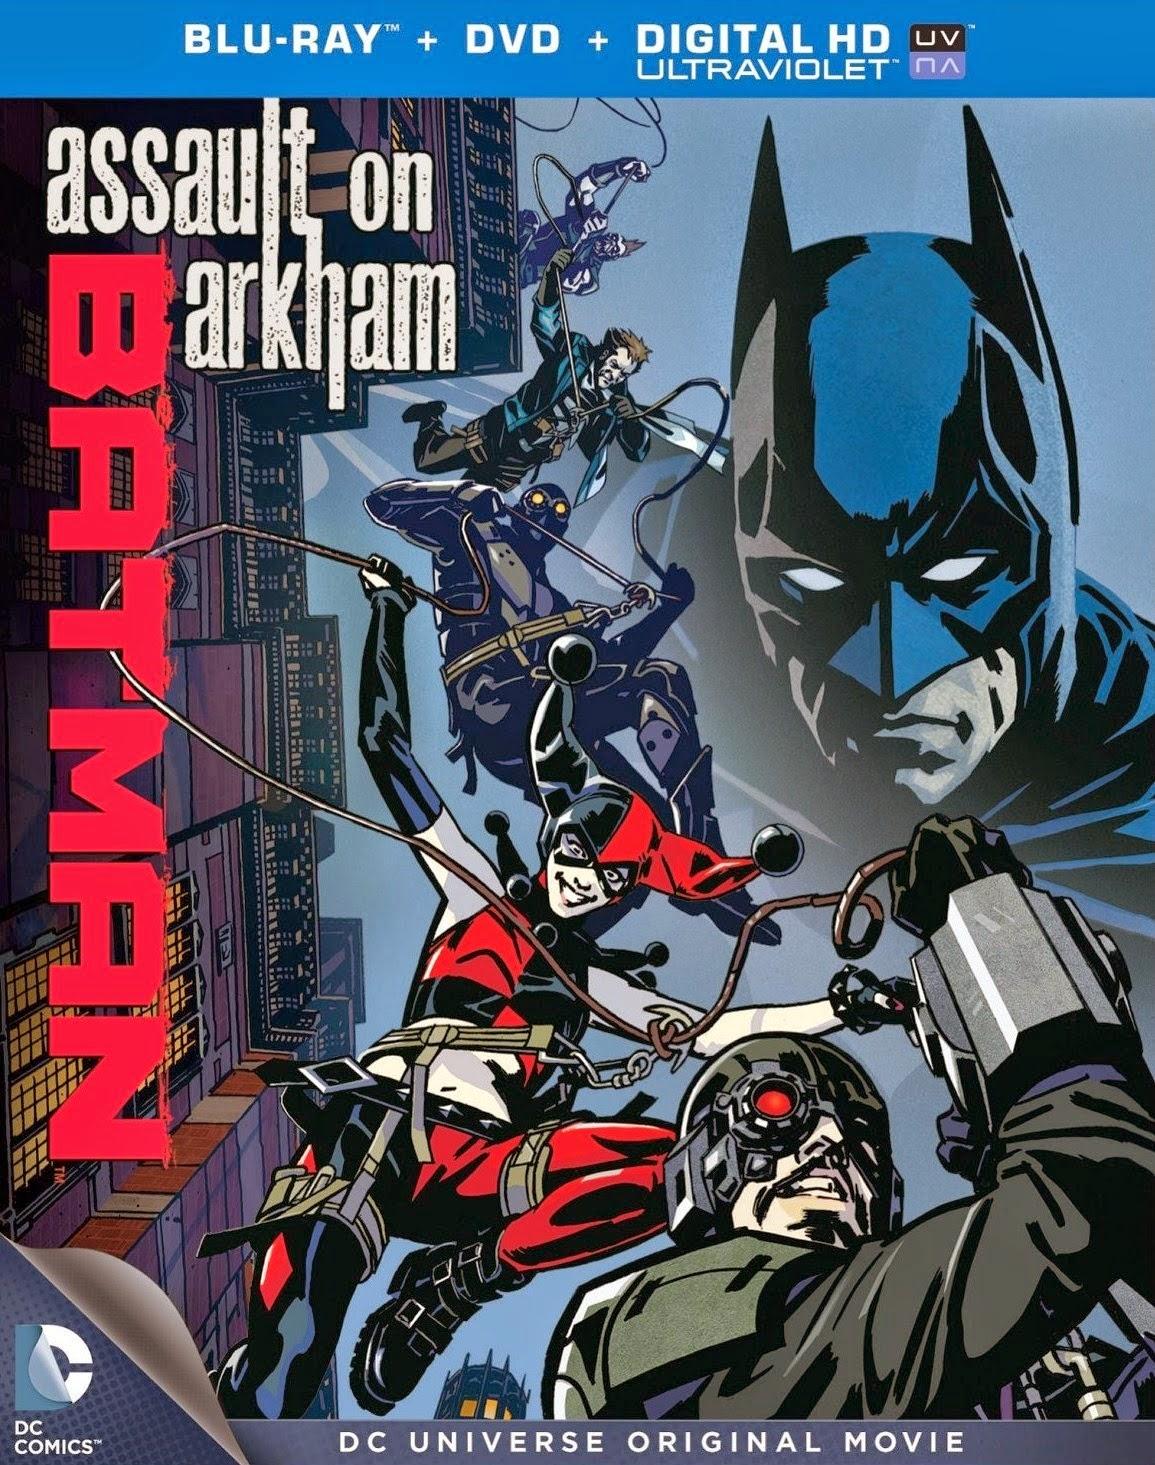 ดูการ์ตูน Batman: Assault on Arkham (2014) แบทแมน ยุทธการถล่มอาร์คแคม